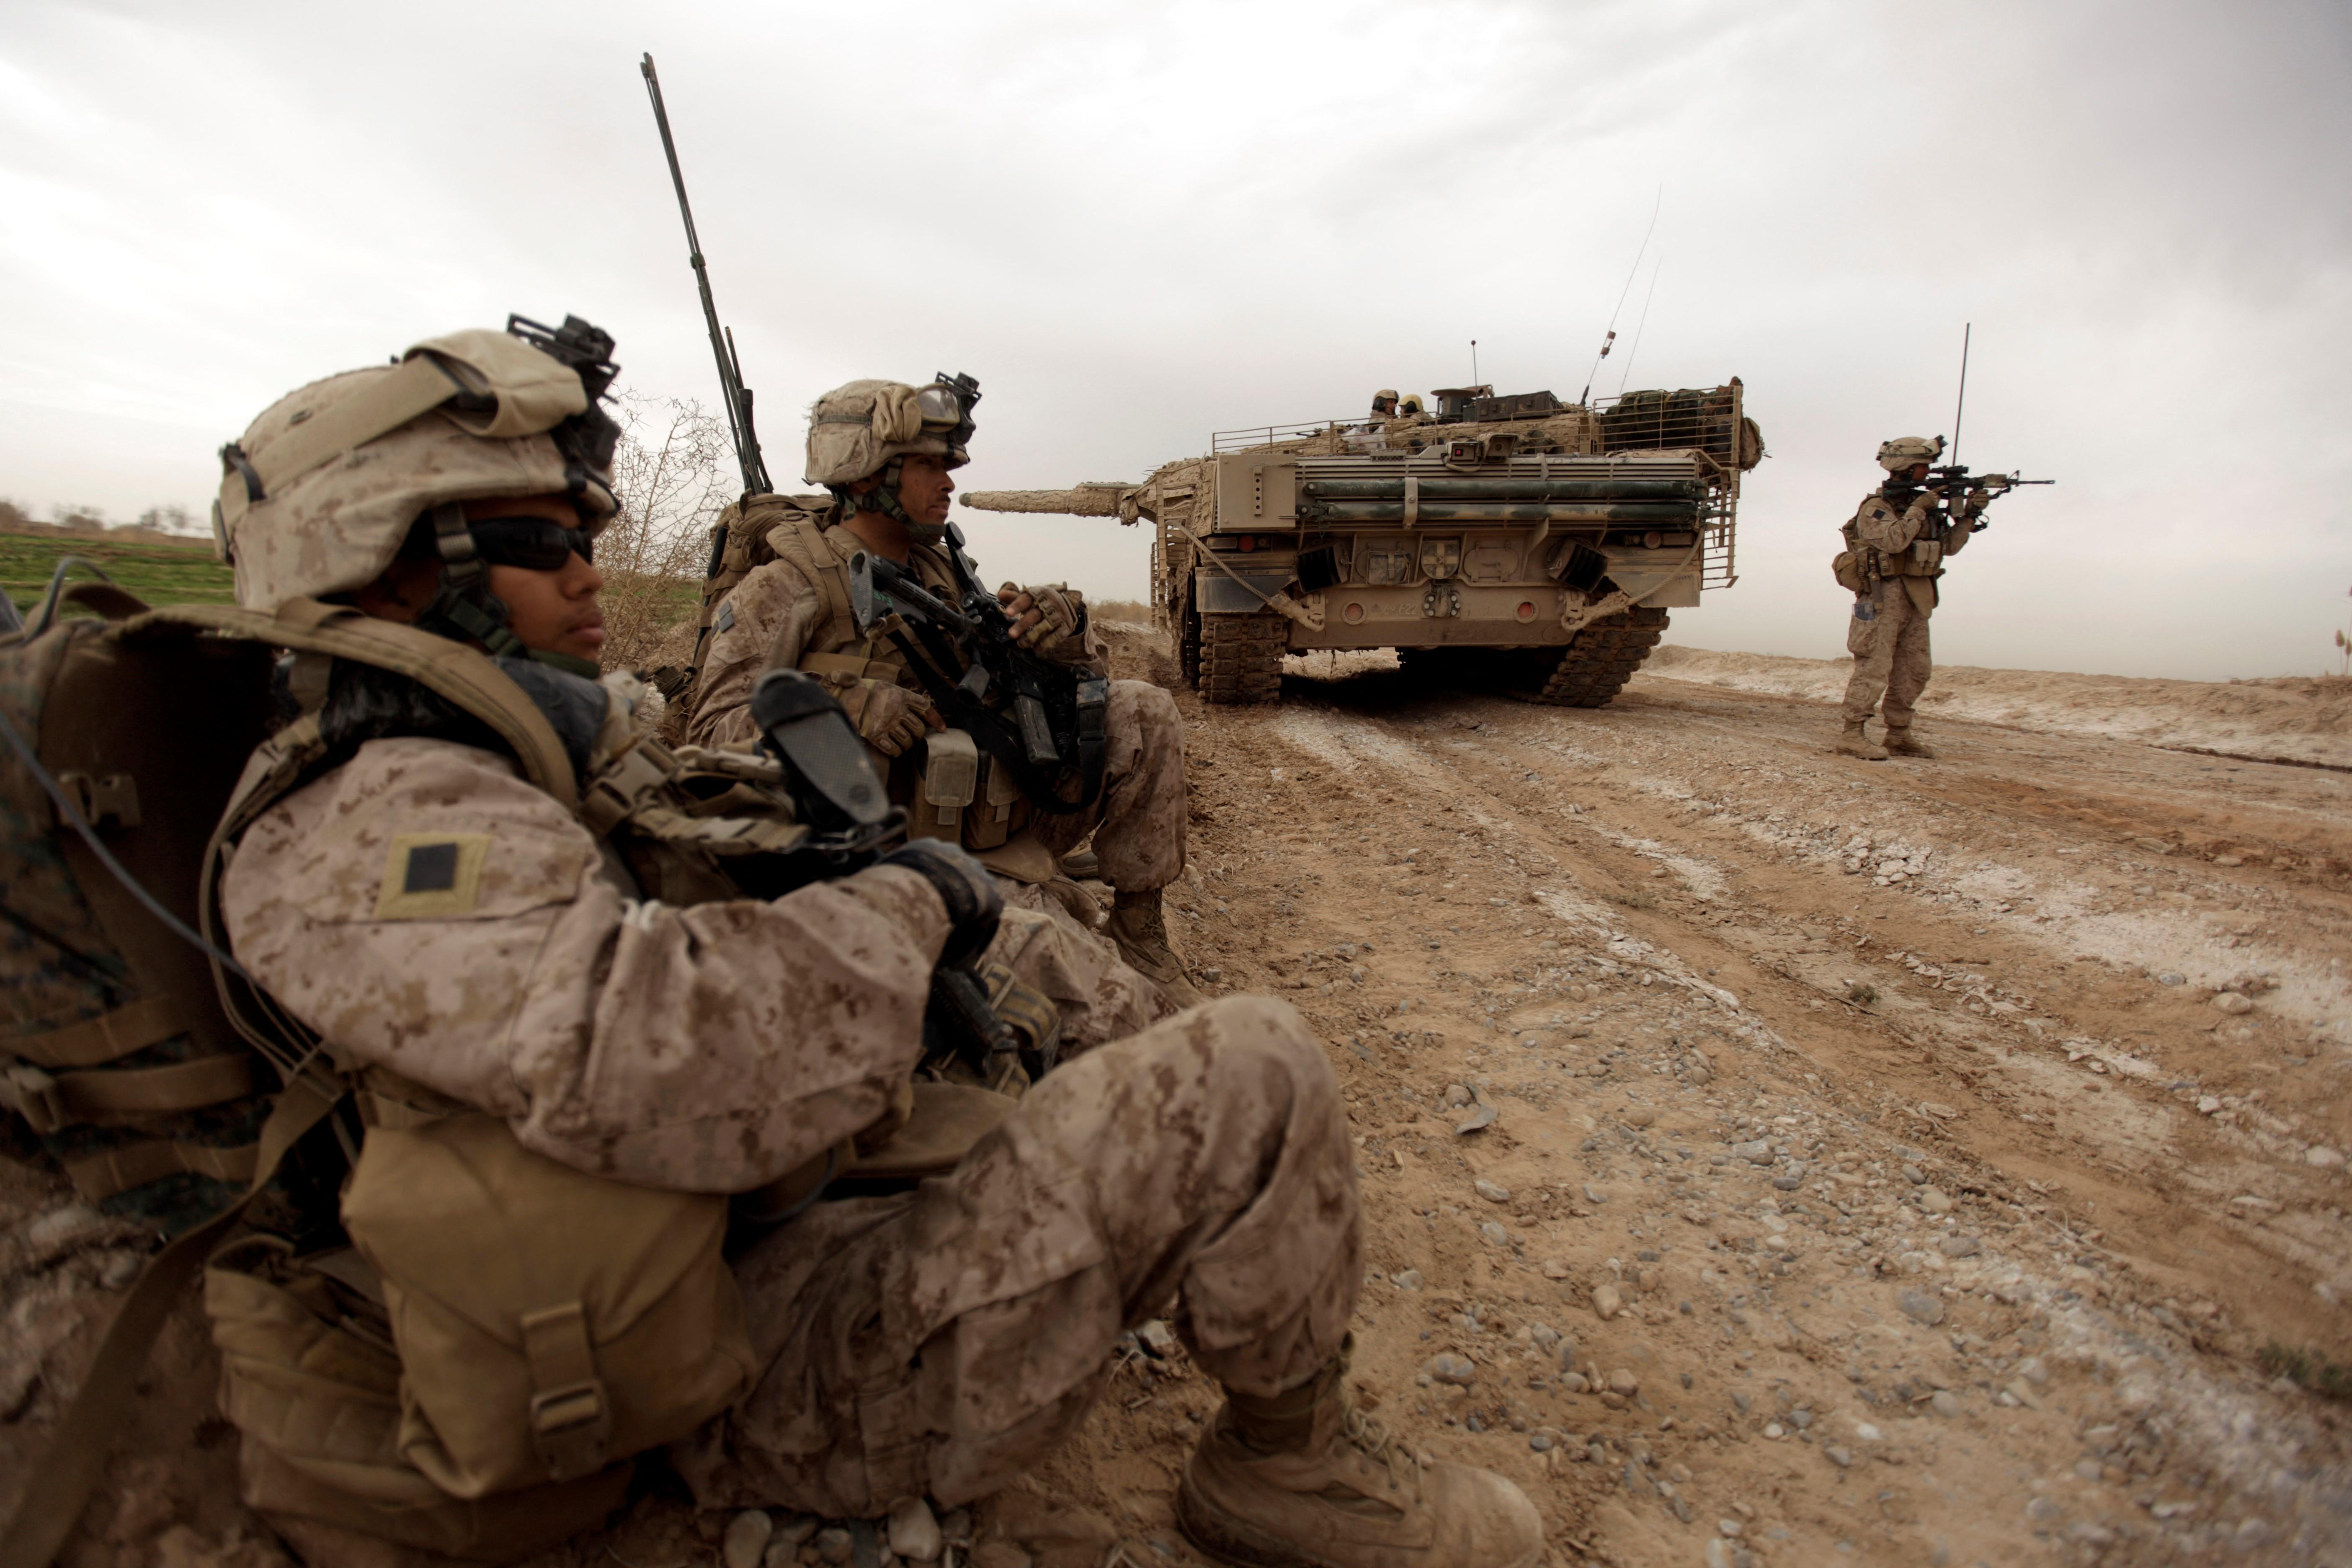 Tropas estadounidenses en Afganistán en 2010